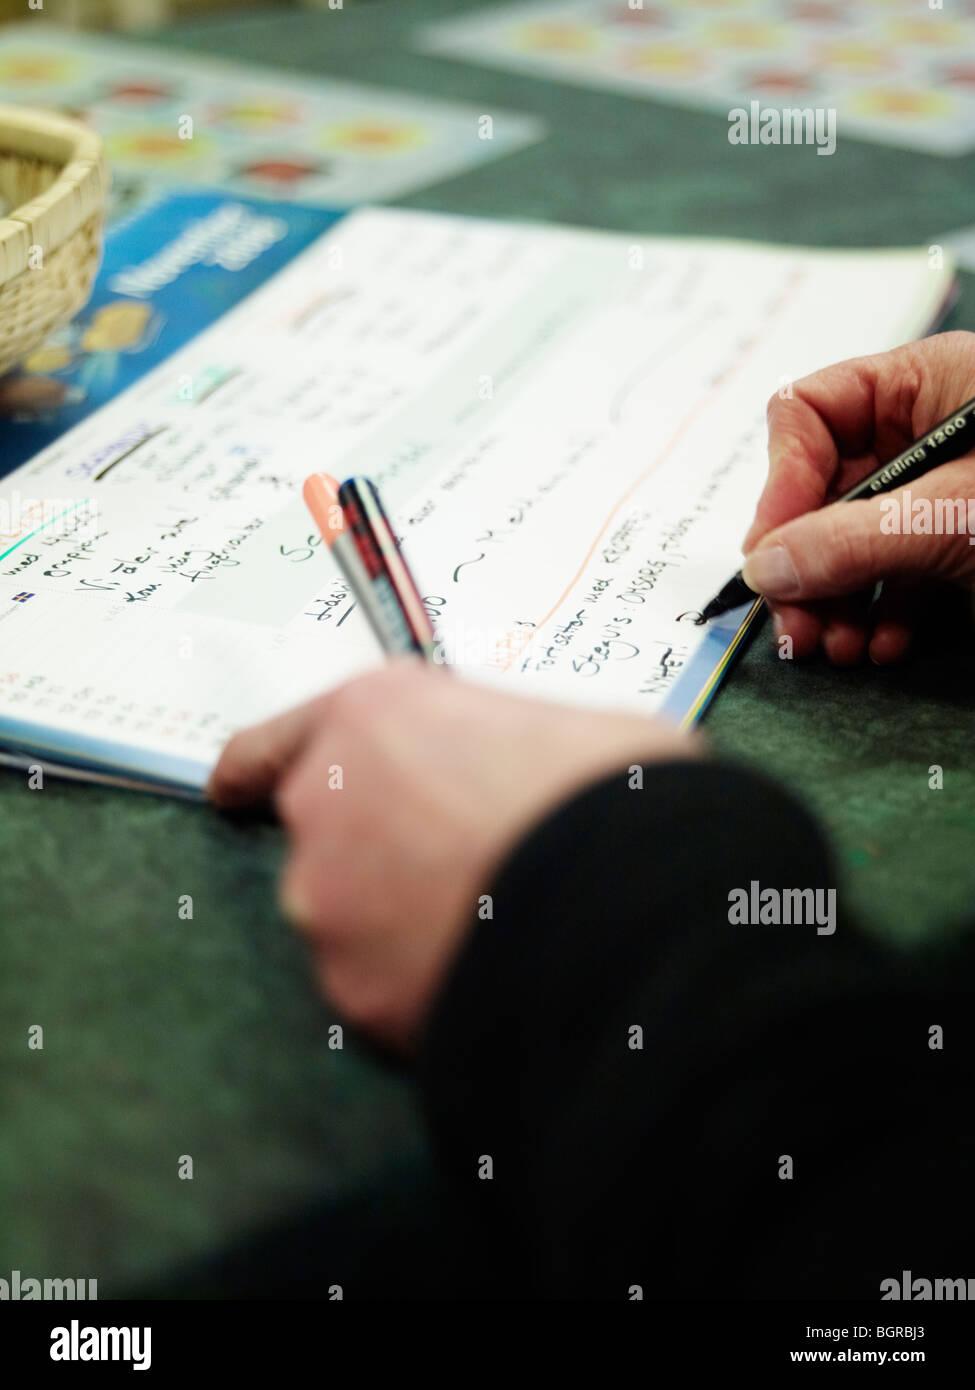 Die Hände einer Person in einem Kalender zu schreiben. Stockfoto